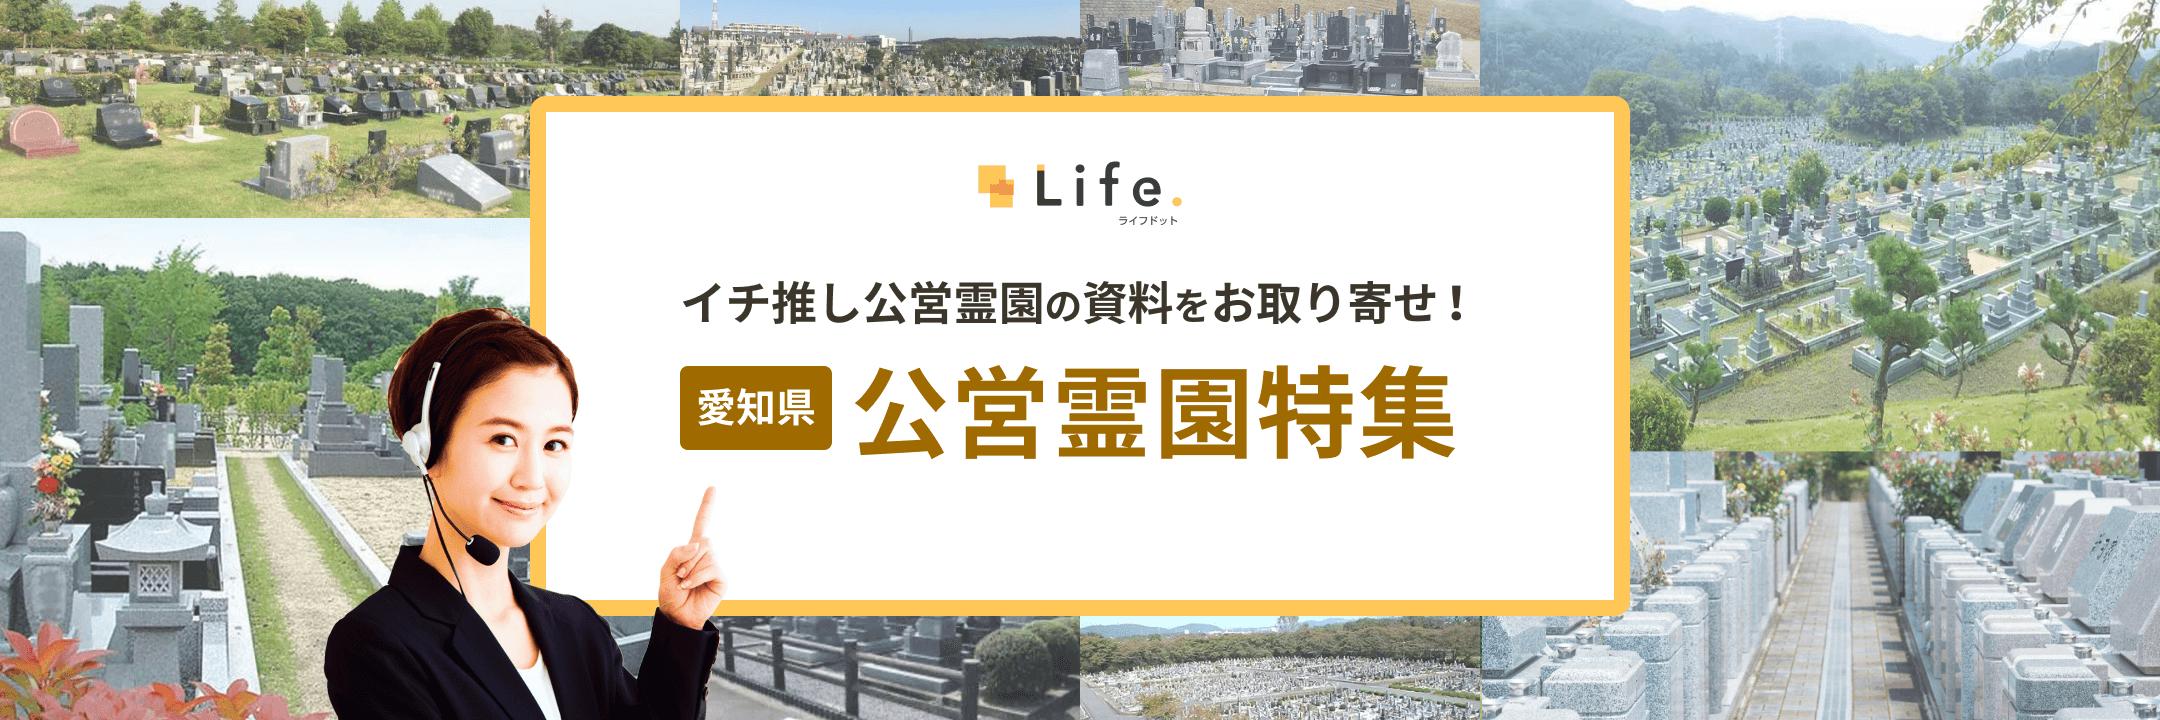 愛知イチ推し公営霊園特集